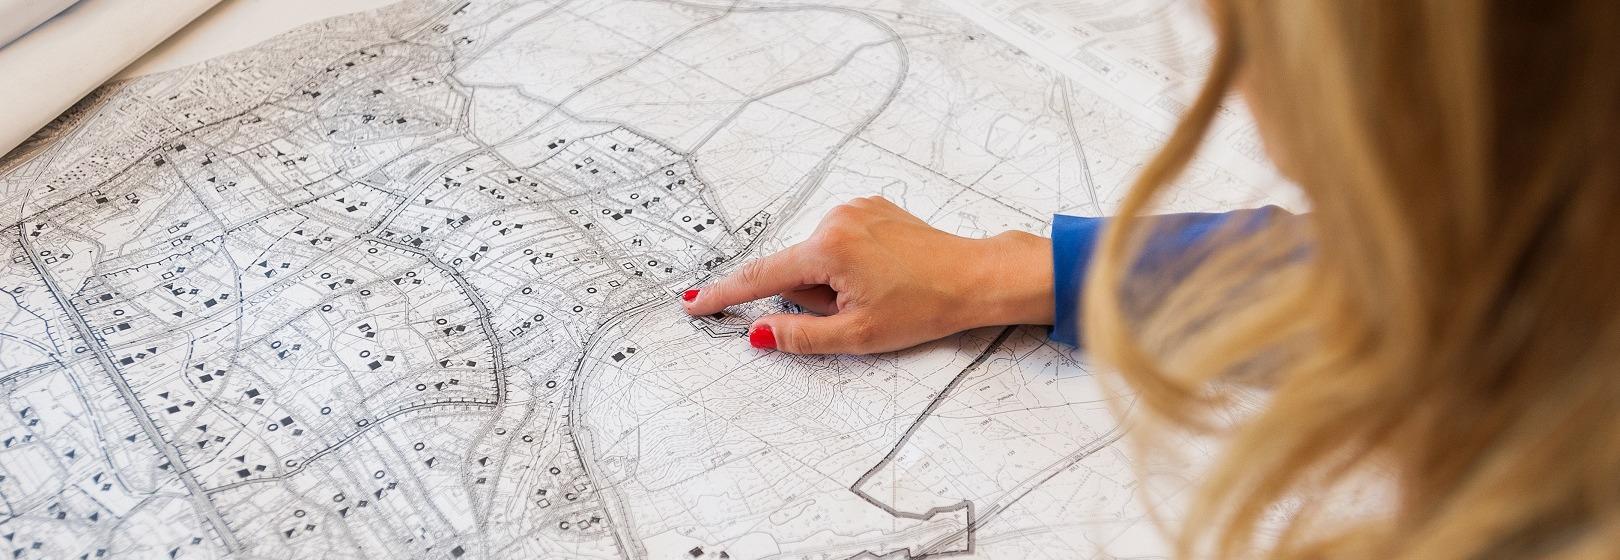 kobieta analizuje mapę